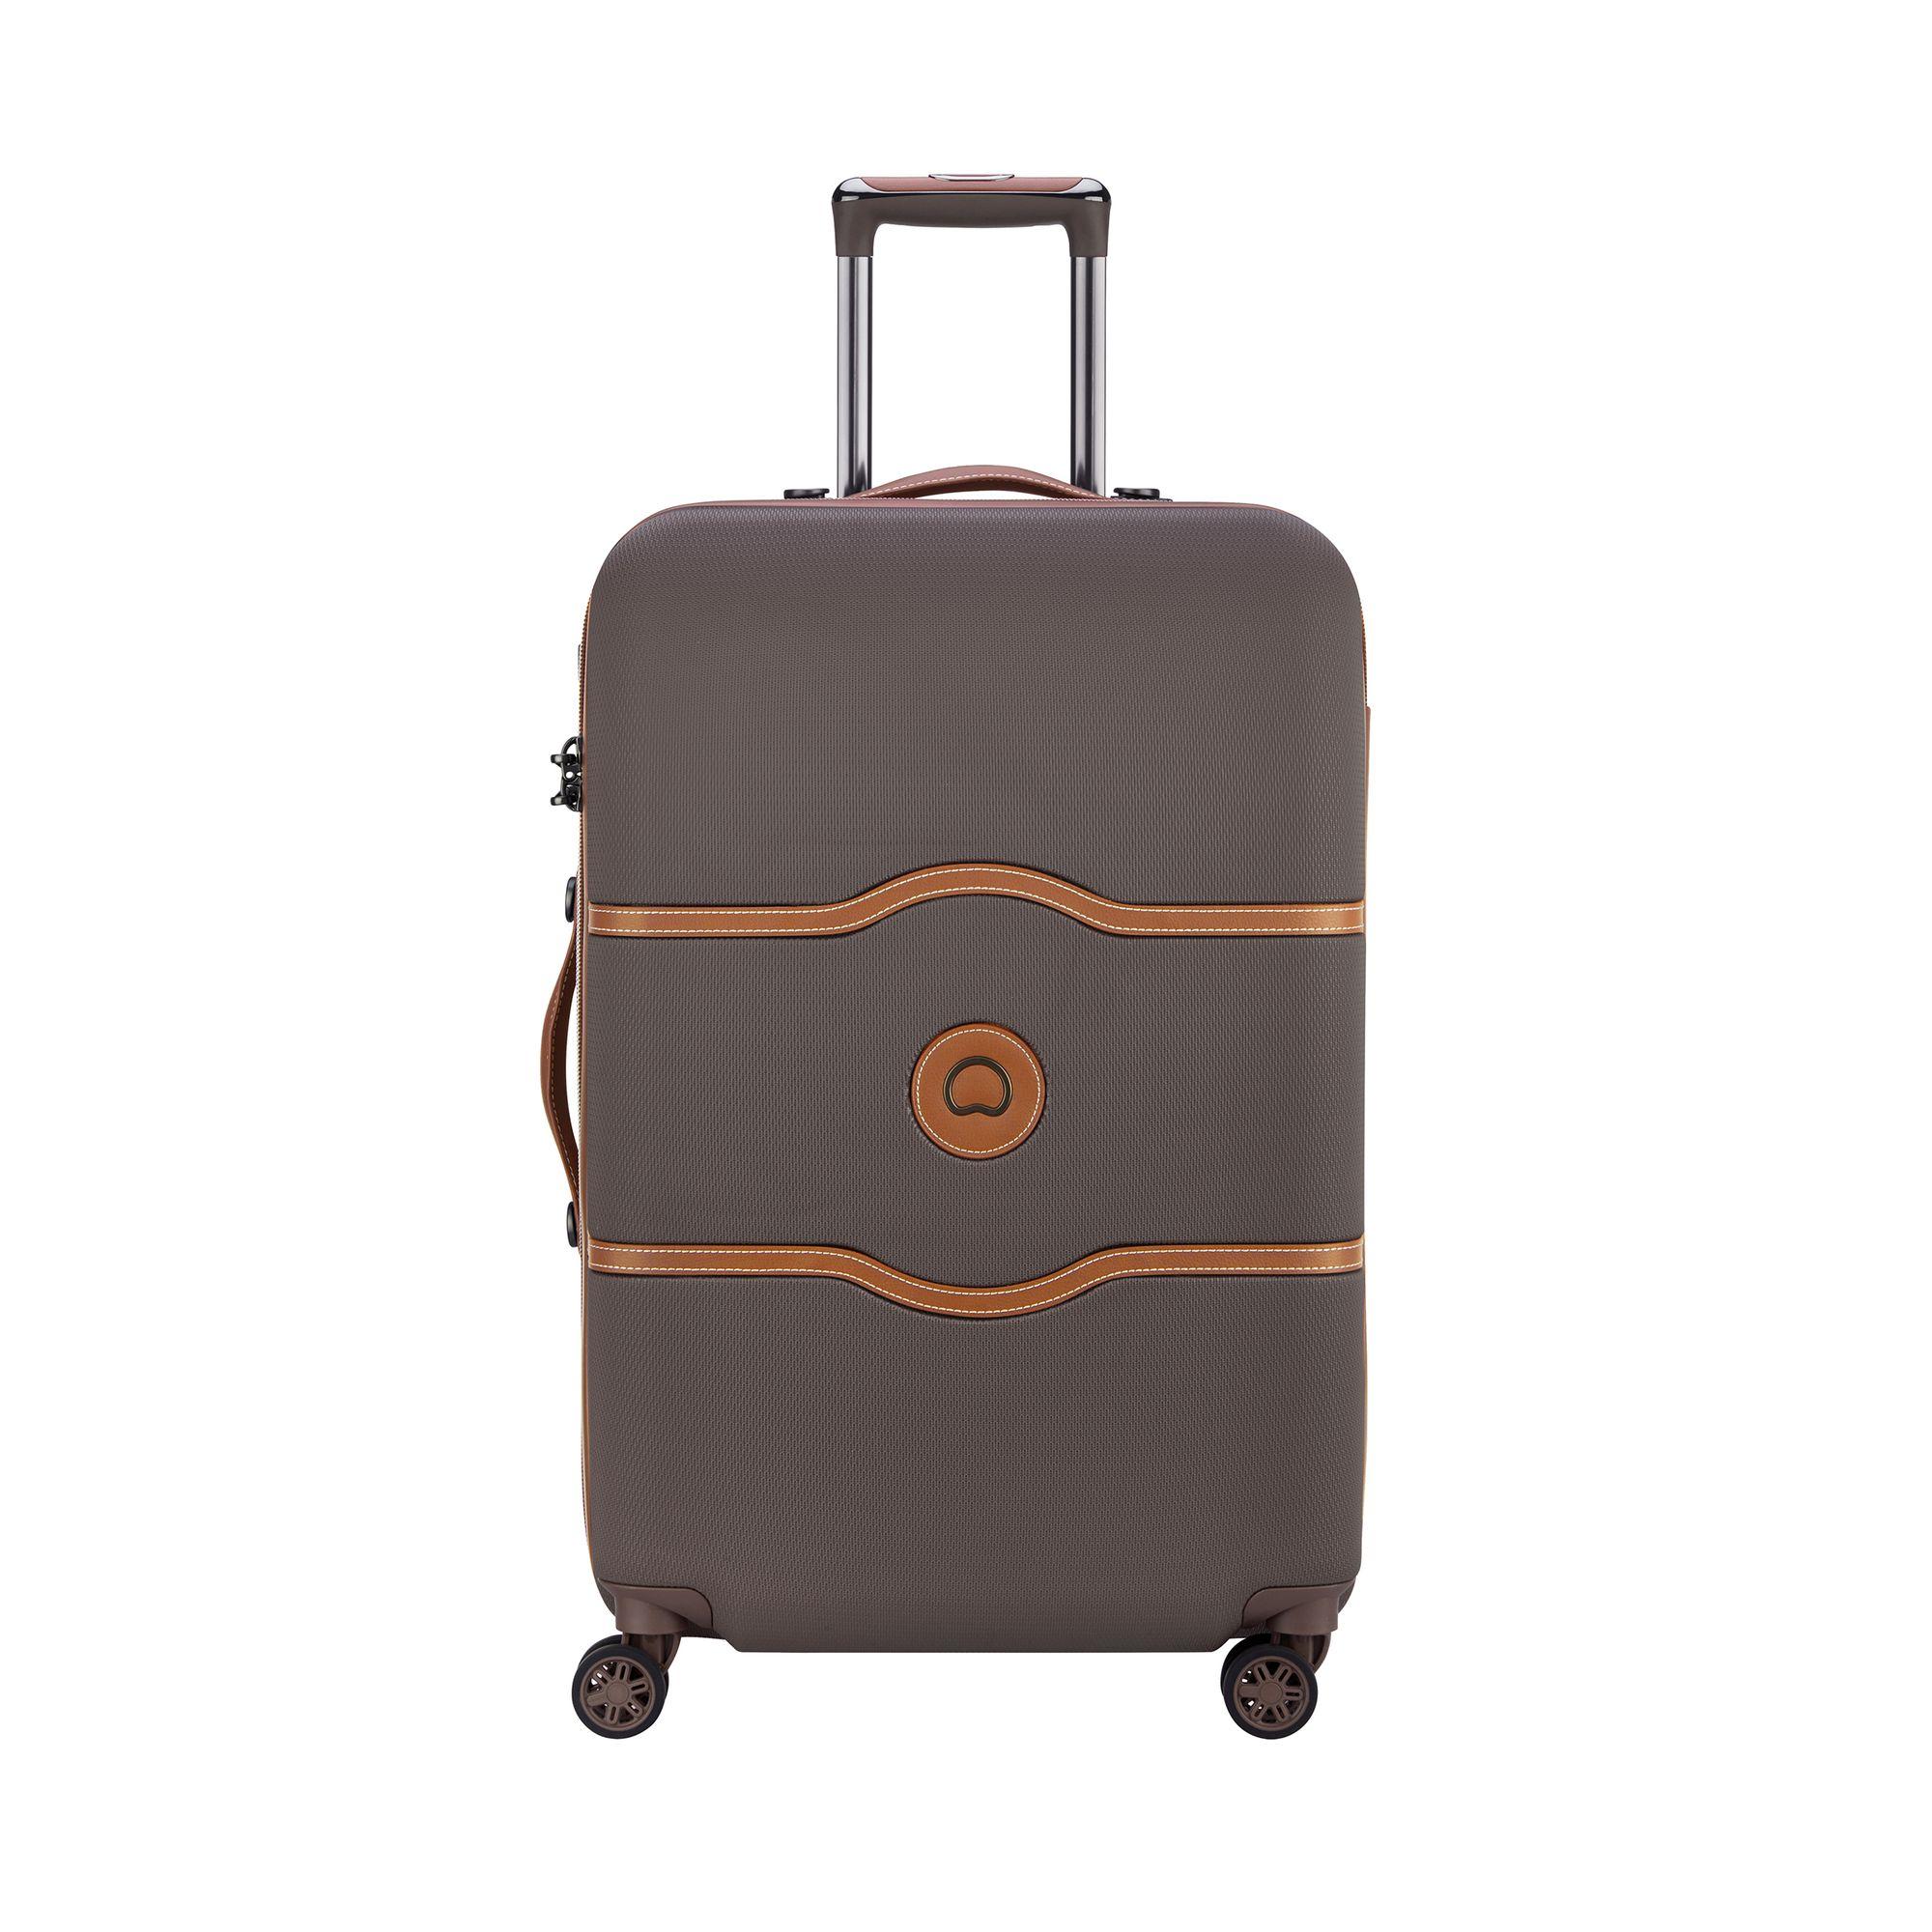 Delsey Chatelet Air hård resväska, 4 hjul, 69 cm, Brun